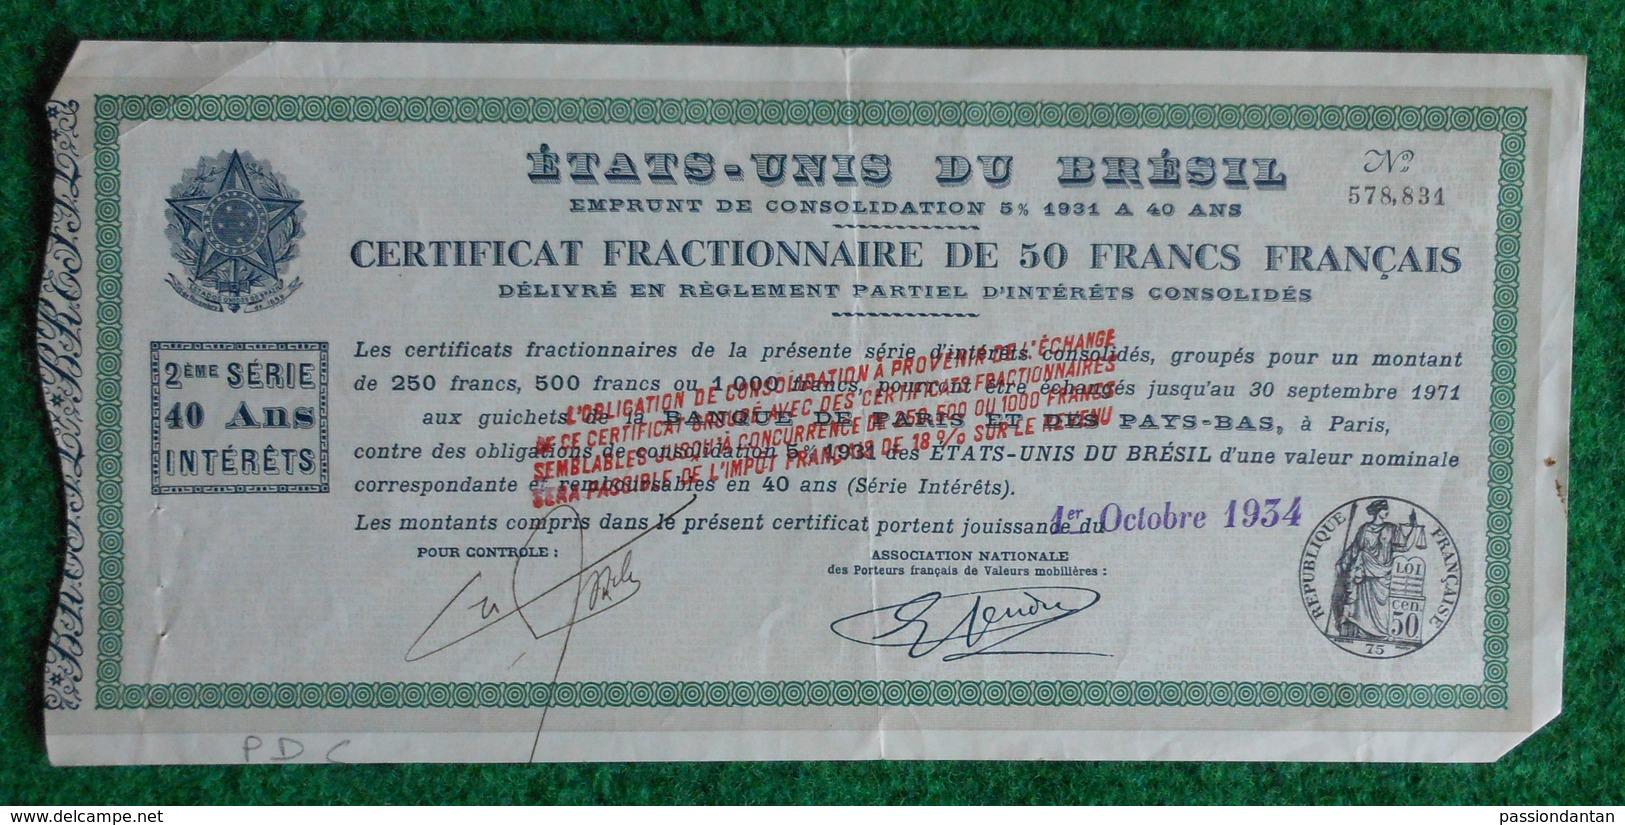 Certificat Fractionnaire De 50 Francs Français - Emprunt De Consolidation - États-Unis Du Brésil - Banque & Assurance